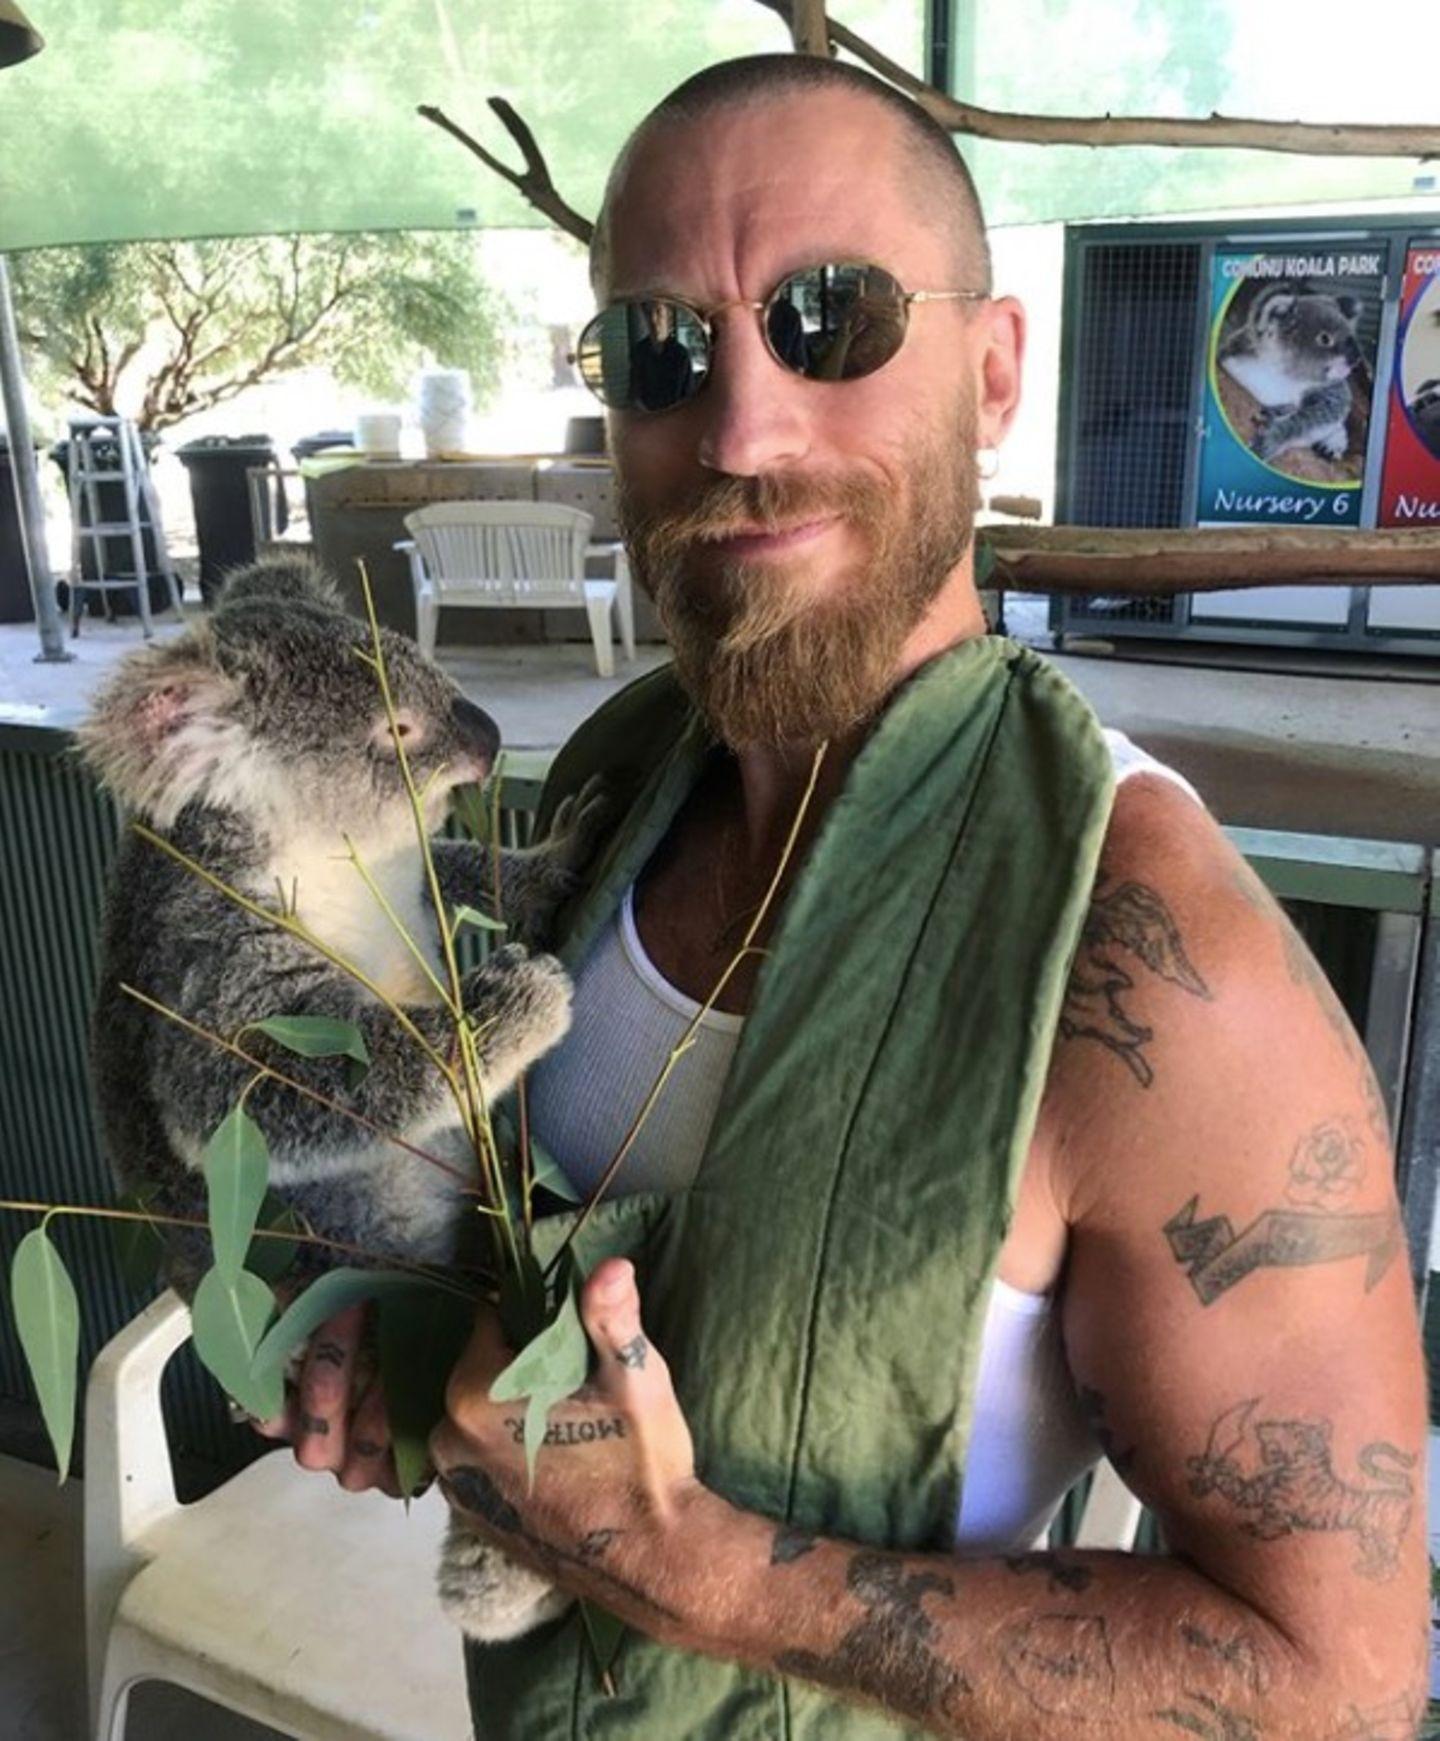 """""""Frohen ersten Vatertag"""", wünscht Fashion-Star Veronika Heilbrunner ihrem Freund Justin O'Shea. """"Nun zahlt sich das ganze Üben aus"""", so Heilbrunner weiter scherzend, an den süßen Koala in Justins Arm anlehnend."""